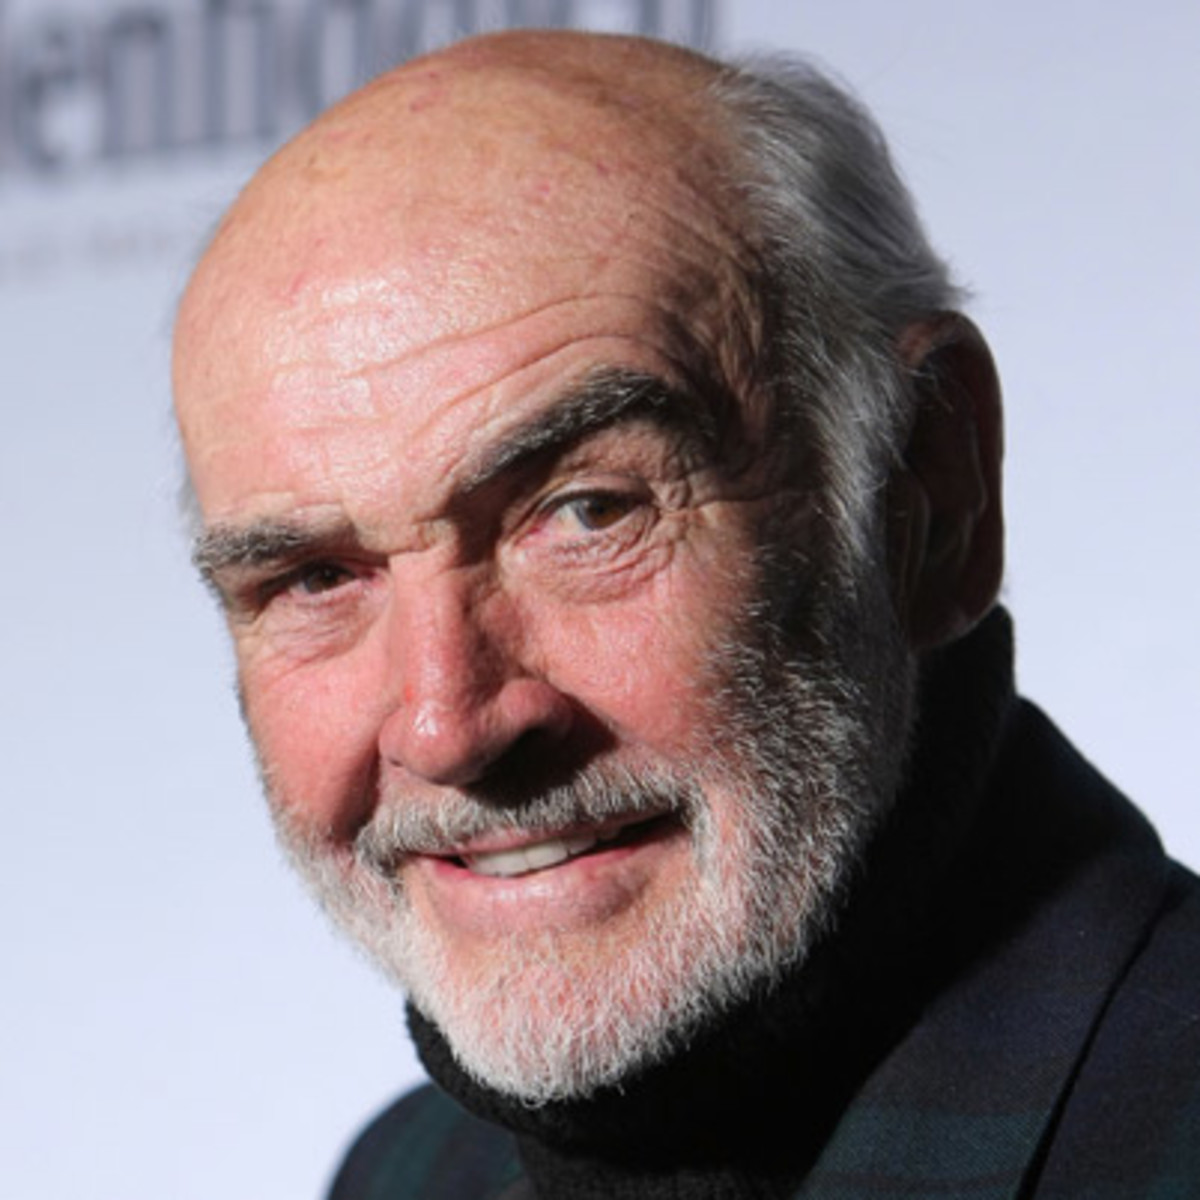 Celebrul actor Sean Connery a murit la vârsta de 90 de ani